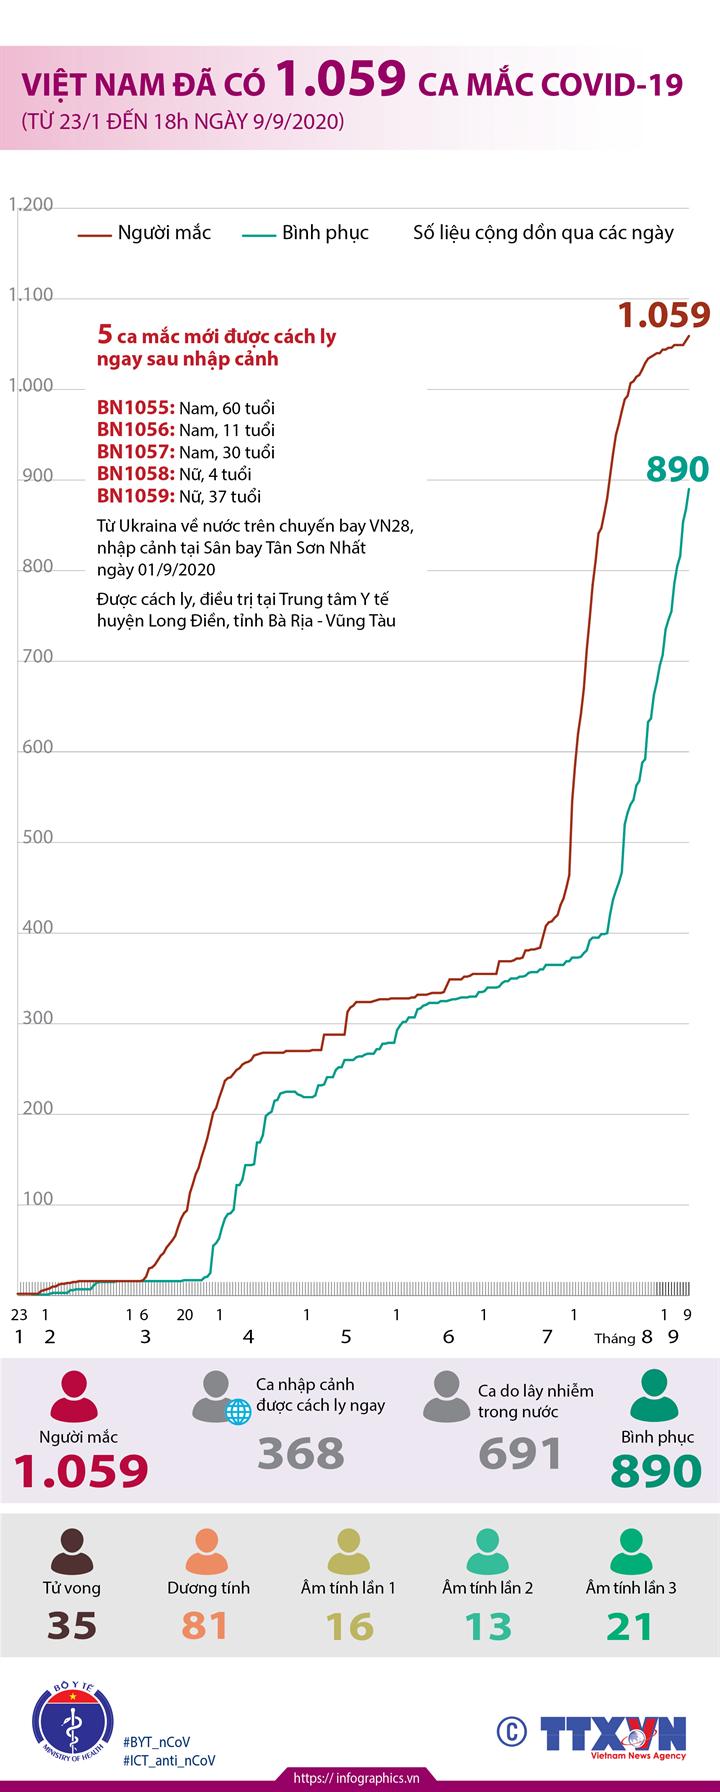 Việt Nam đã có 1.059 ca mắc COVID-19 (từ 23/1 đến 18h ngày 9/9/2020)